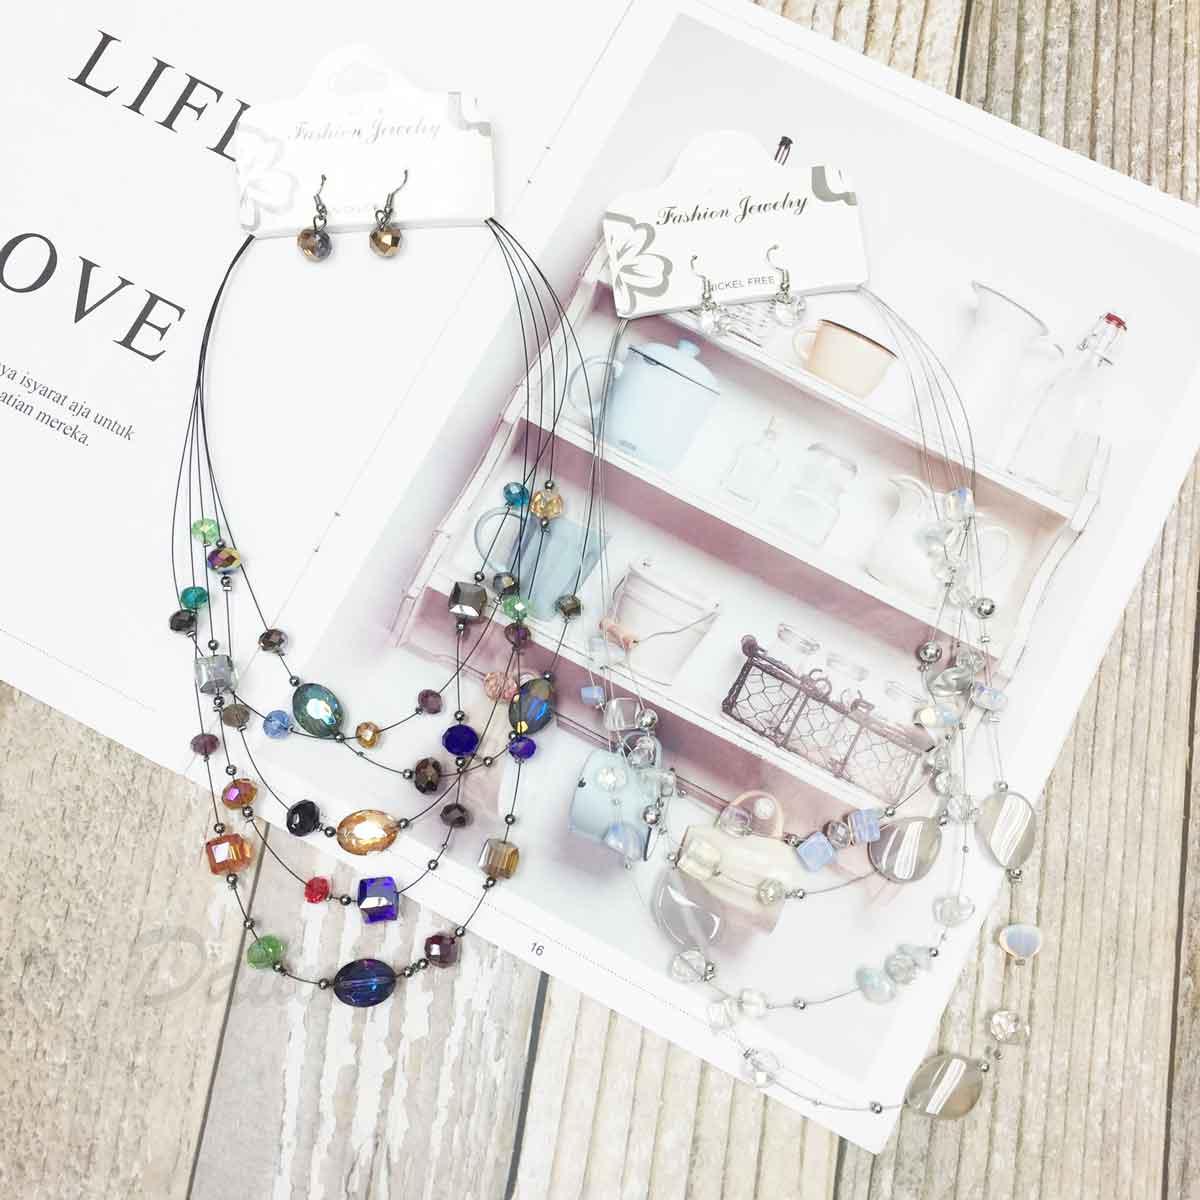 透色水晶 繽紛寶石 小銀珠 多圈 垂墜感耳勾式耳環 項鍊耳環套組